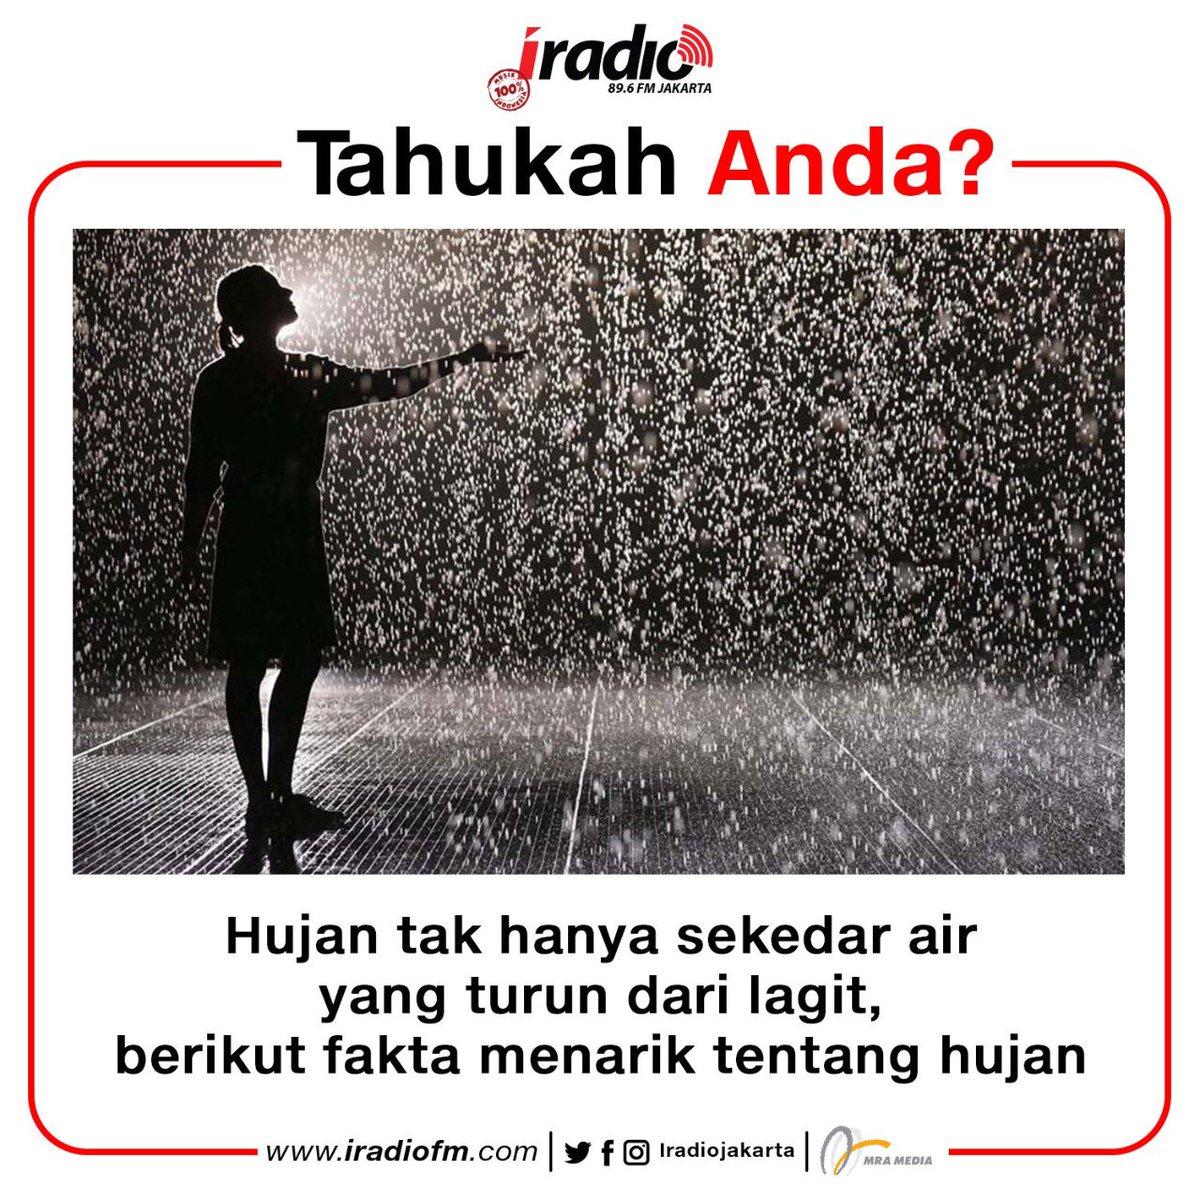 Emang lagi musim hujan, tapi jangan galau ya. Ada yang tau di slide terakhir itu foto siapa? Hehehe  - #TahukahAnda #FaktaMenarik #iradio #iradiojakarta #100persenmusikindonesiapic.twitter.com/a5ERCICcXM